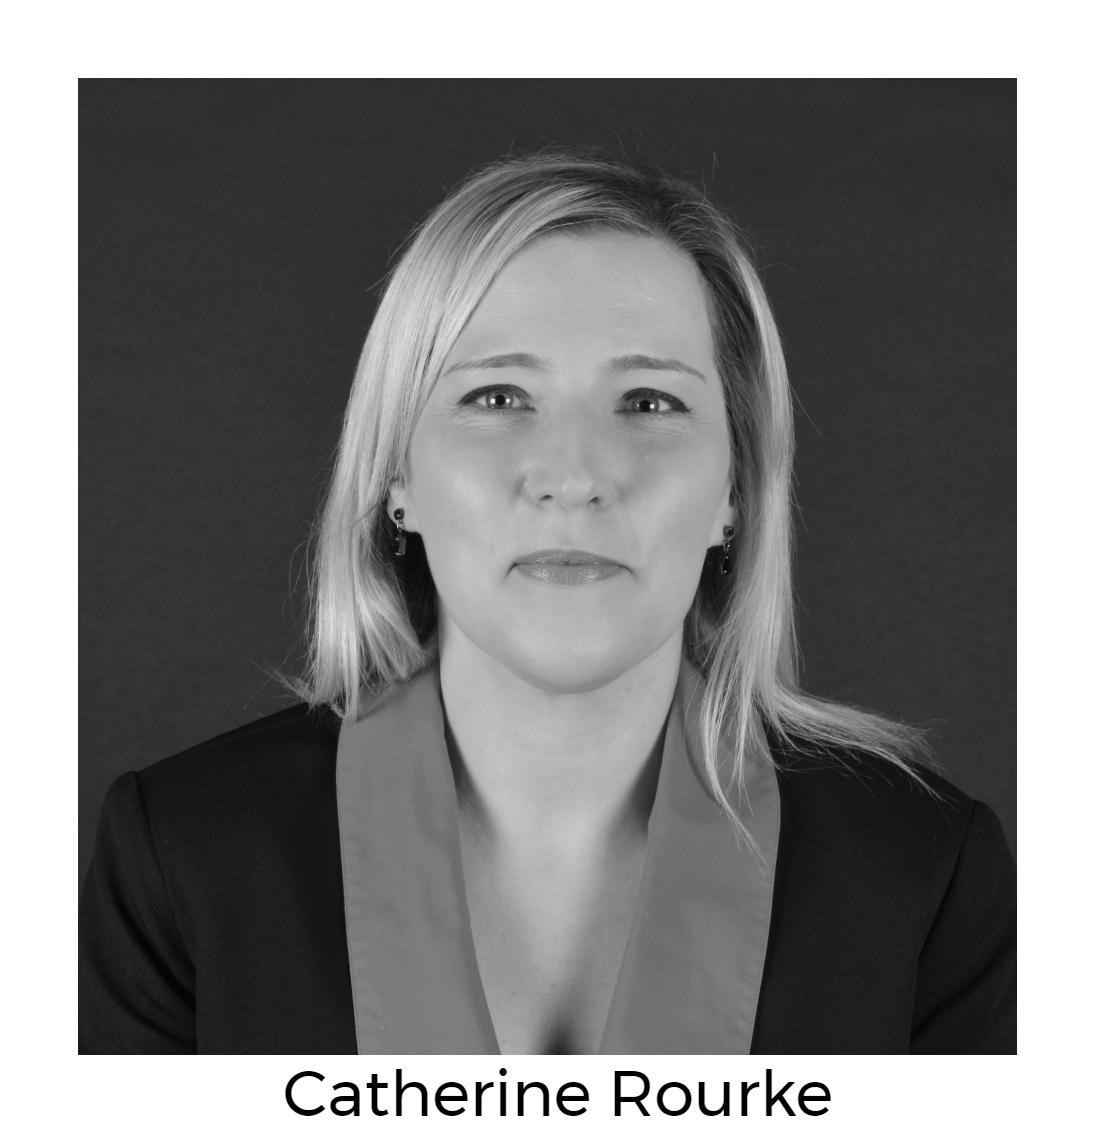 Catherine Rourke